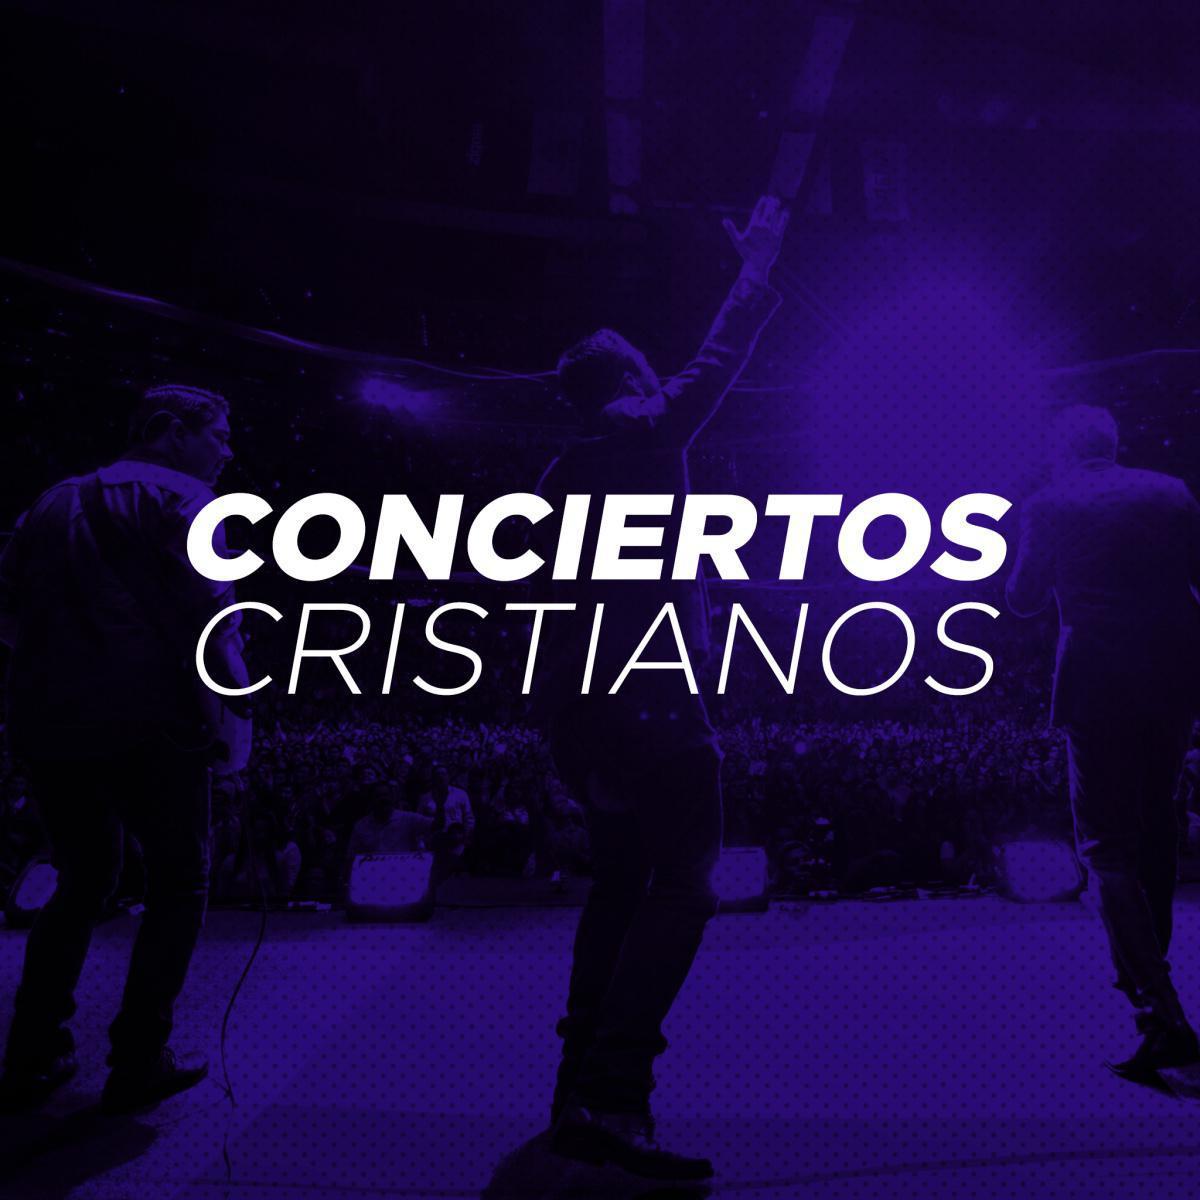 Conciertos Cristianos